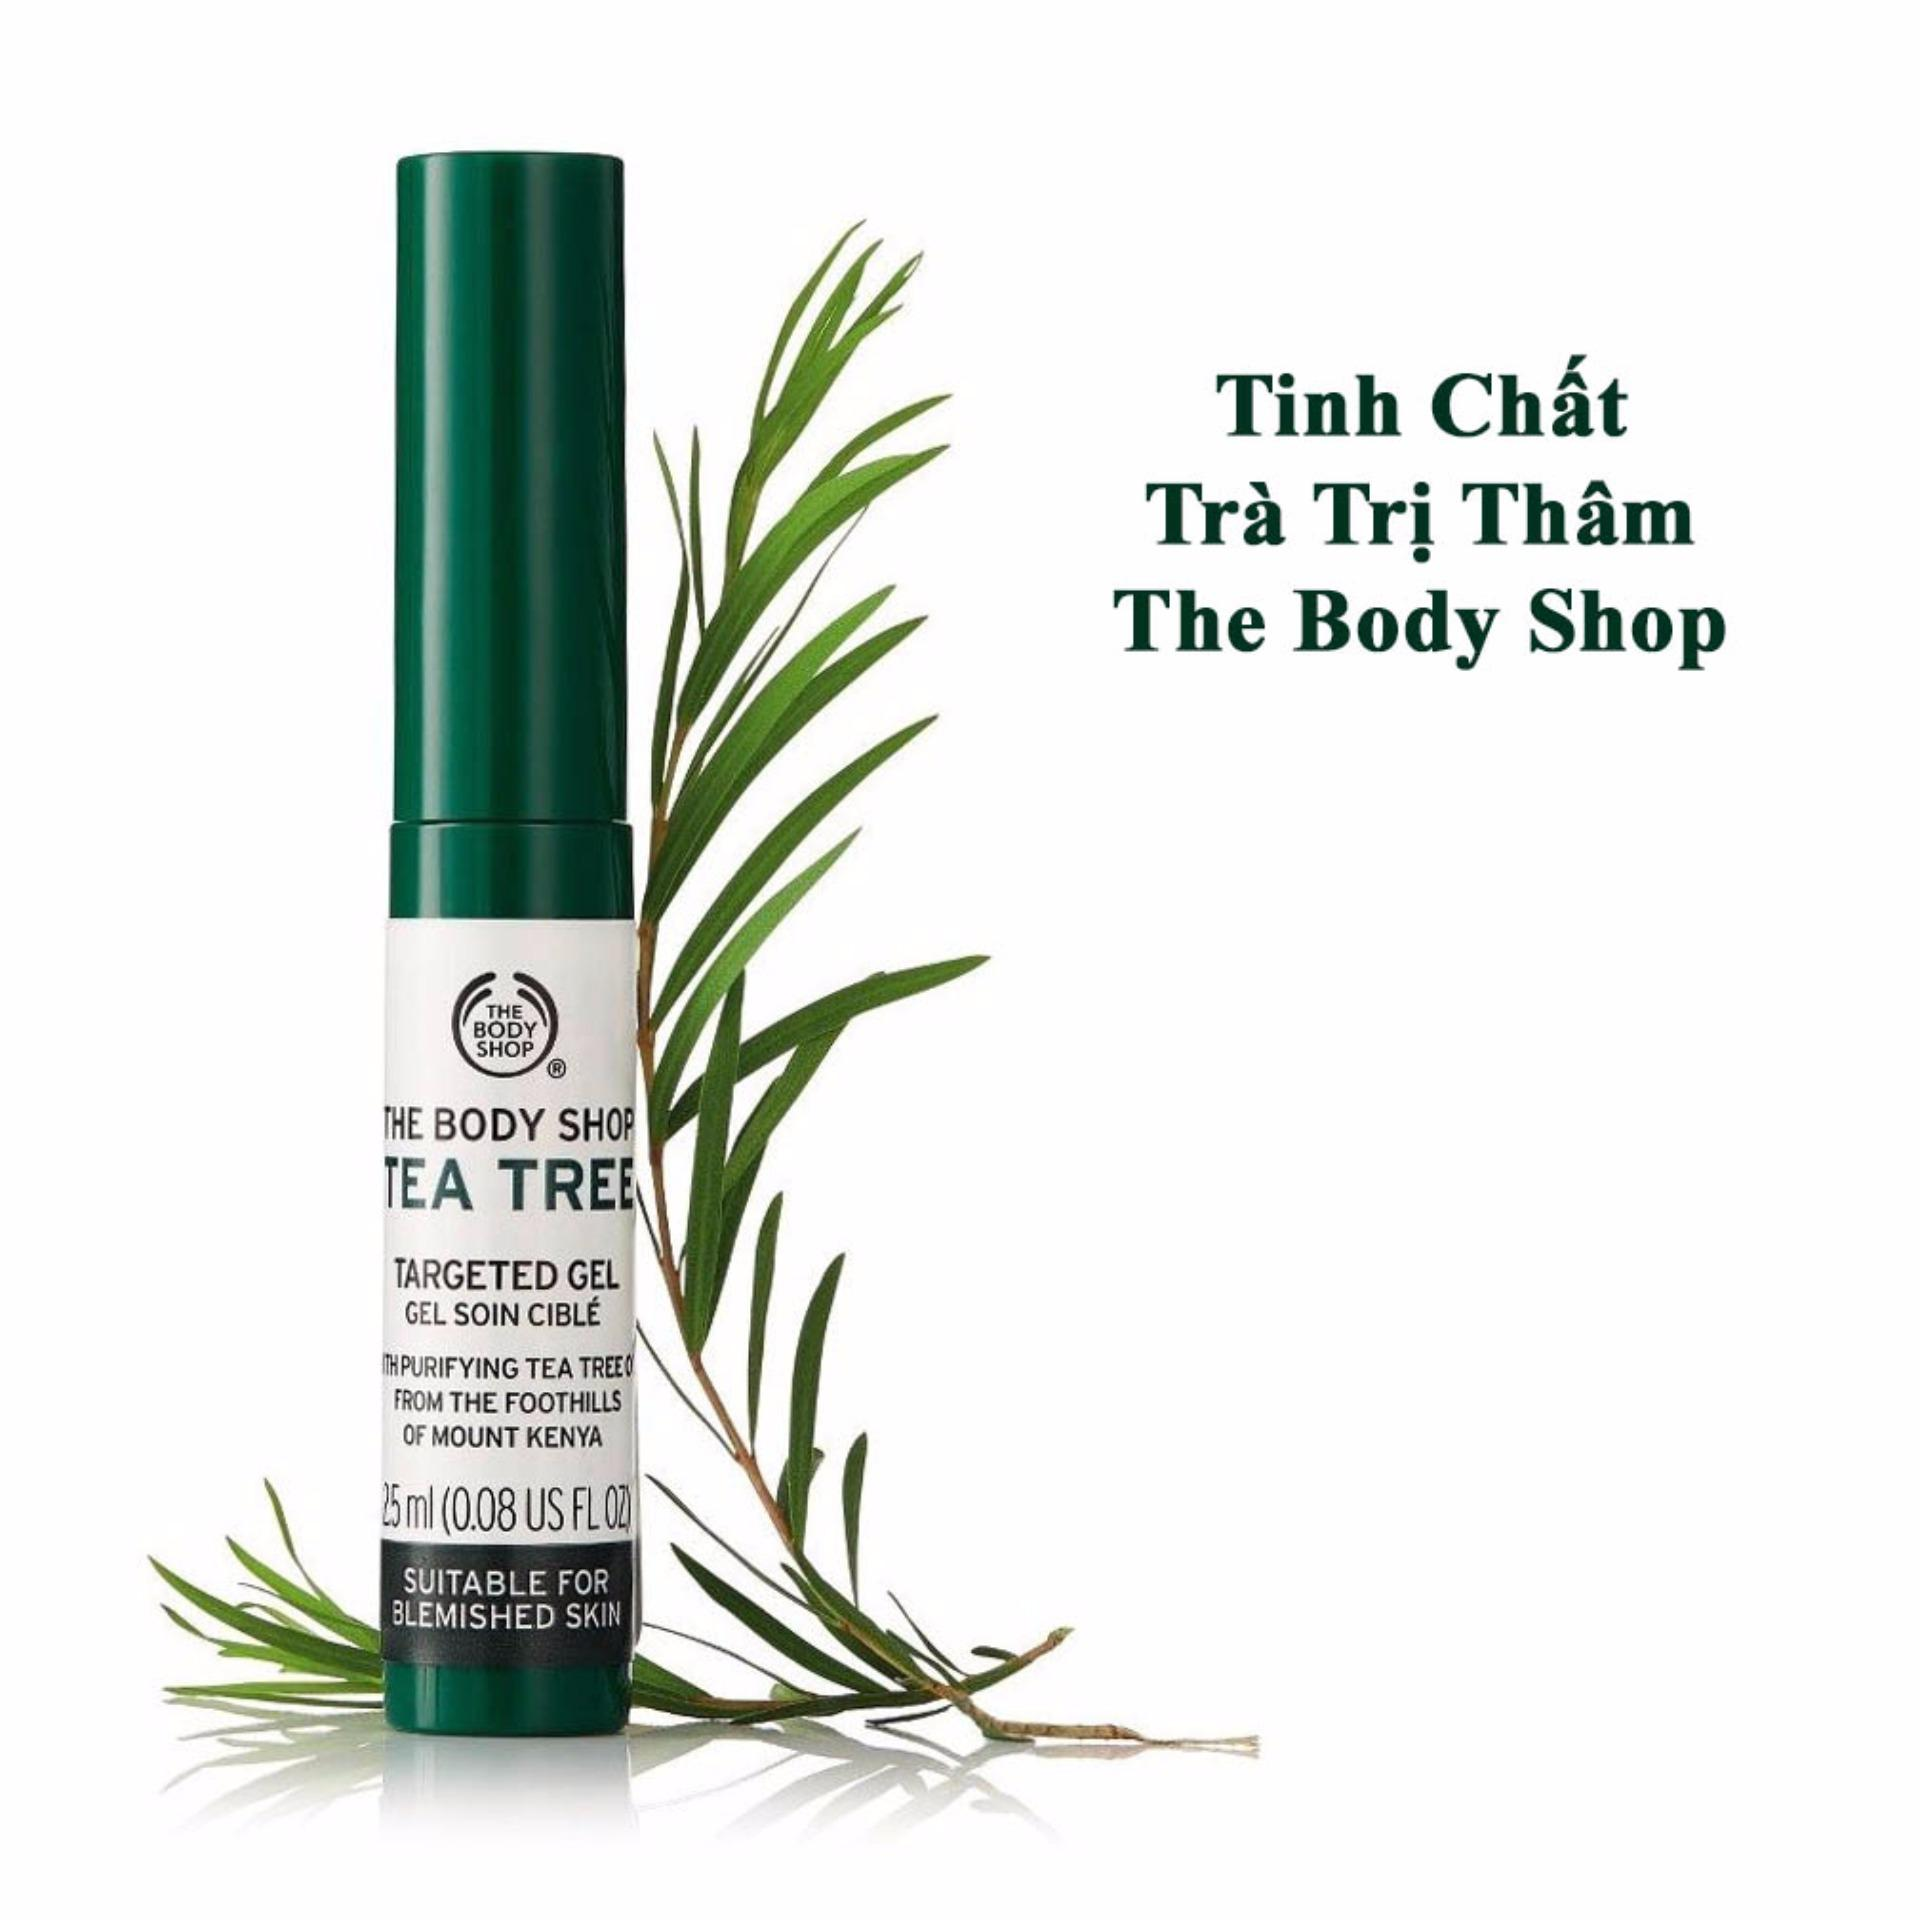 Hình ảnh Gel Trị Mụn Và Thâm Hiệu Quả The Body Shop Tea Tree Targeted Gel 25ml